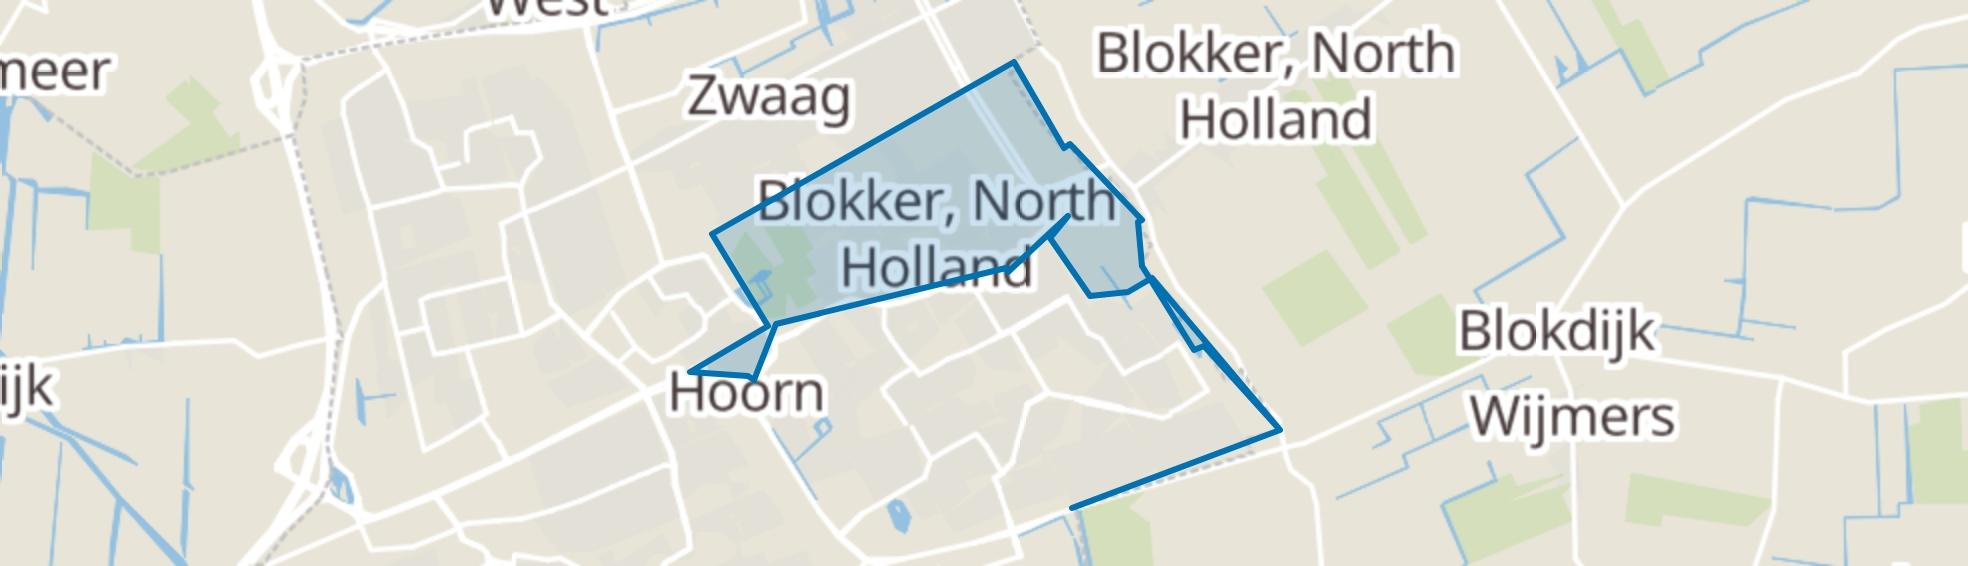 Blokker map